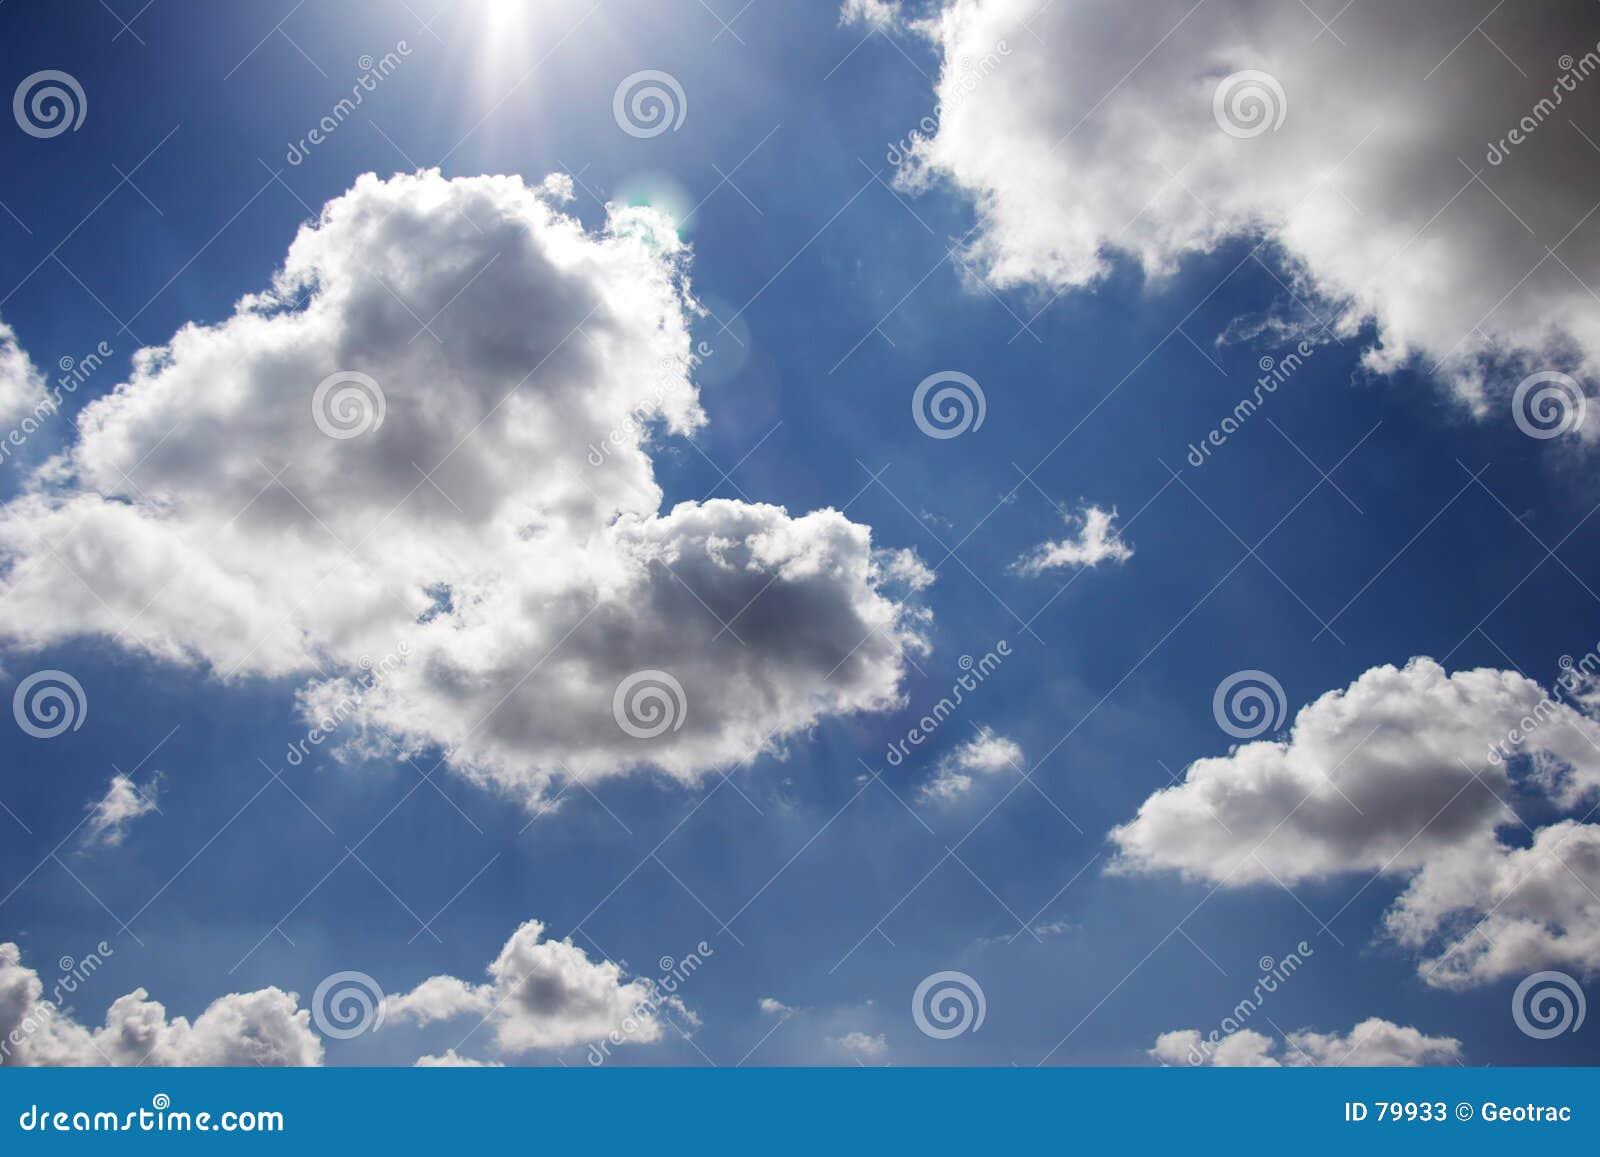 σύννεφο χνουδωτό